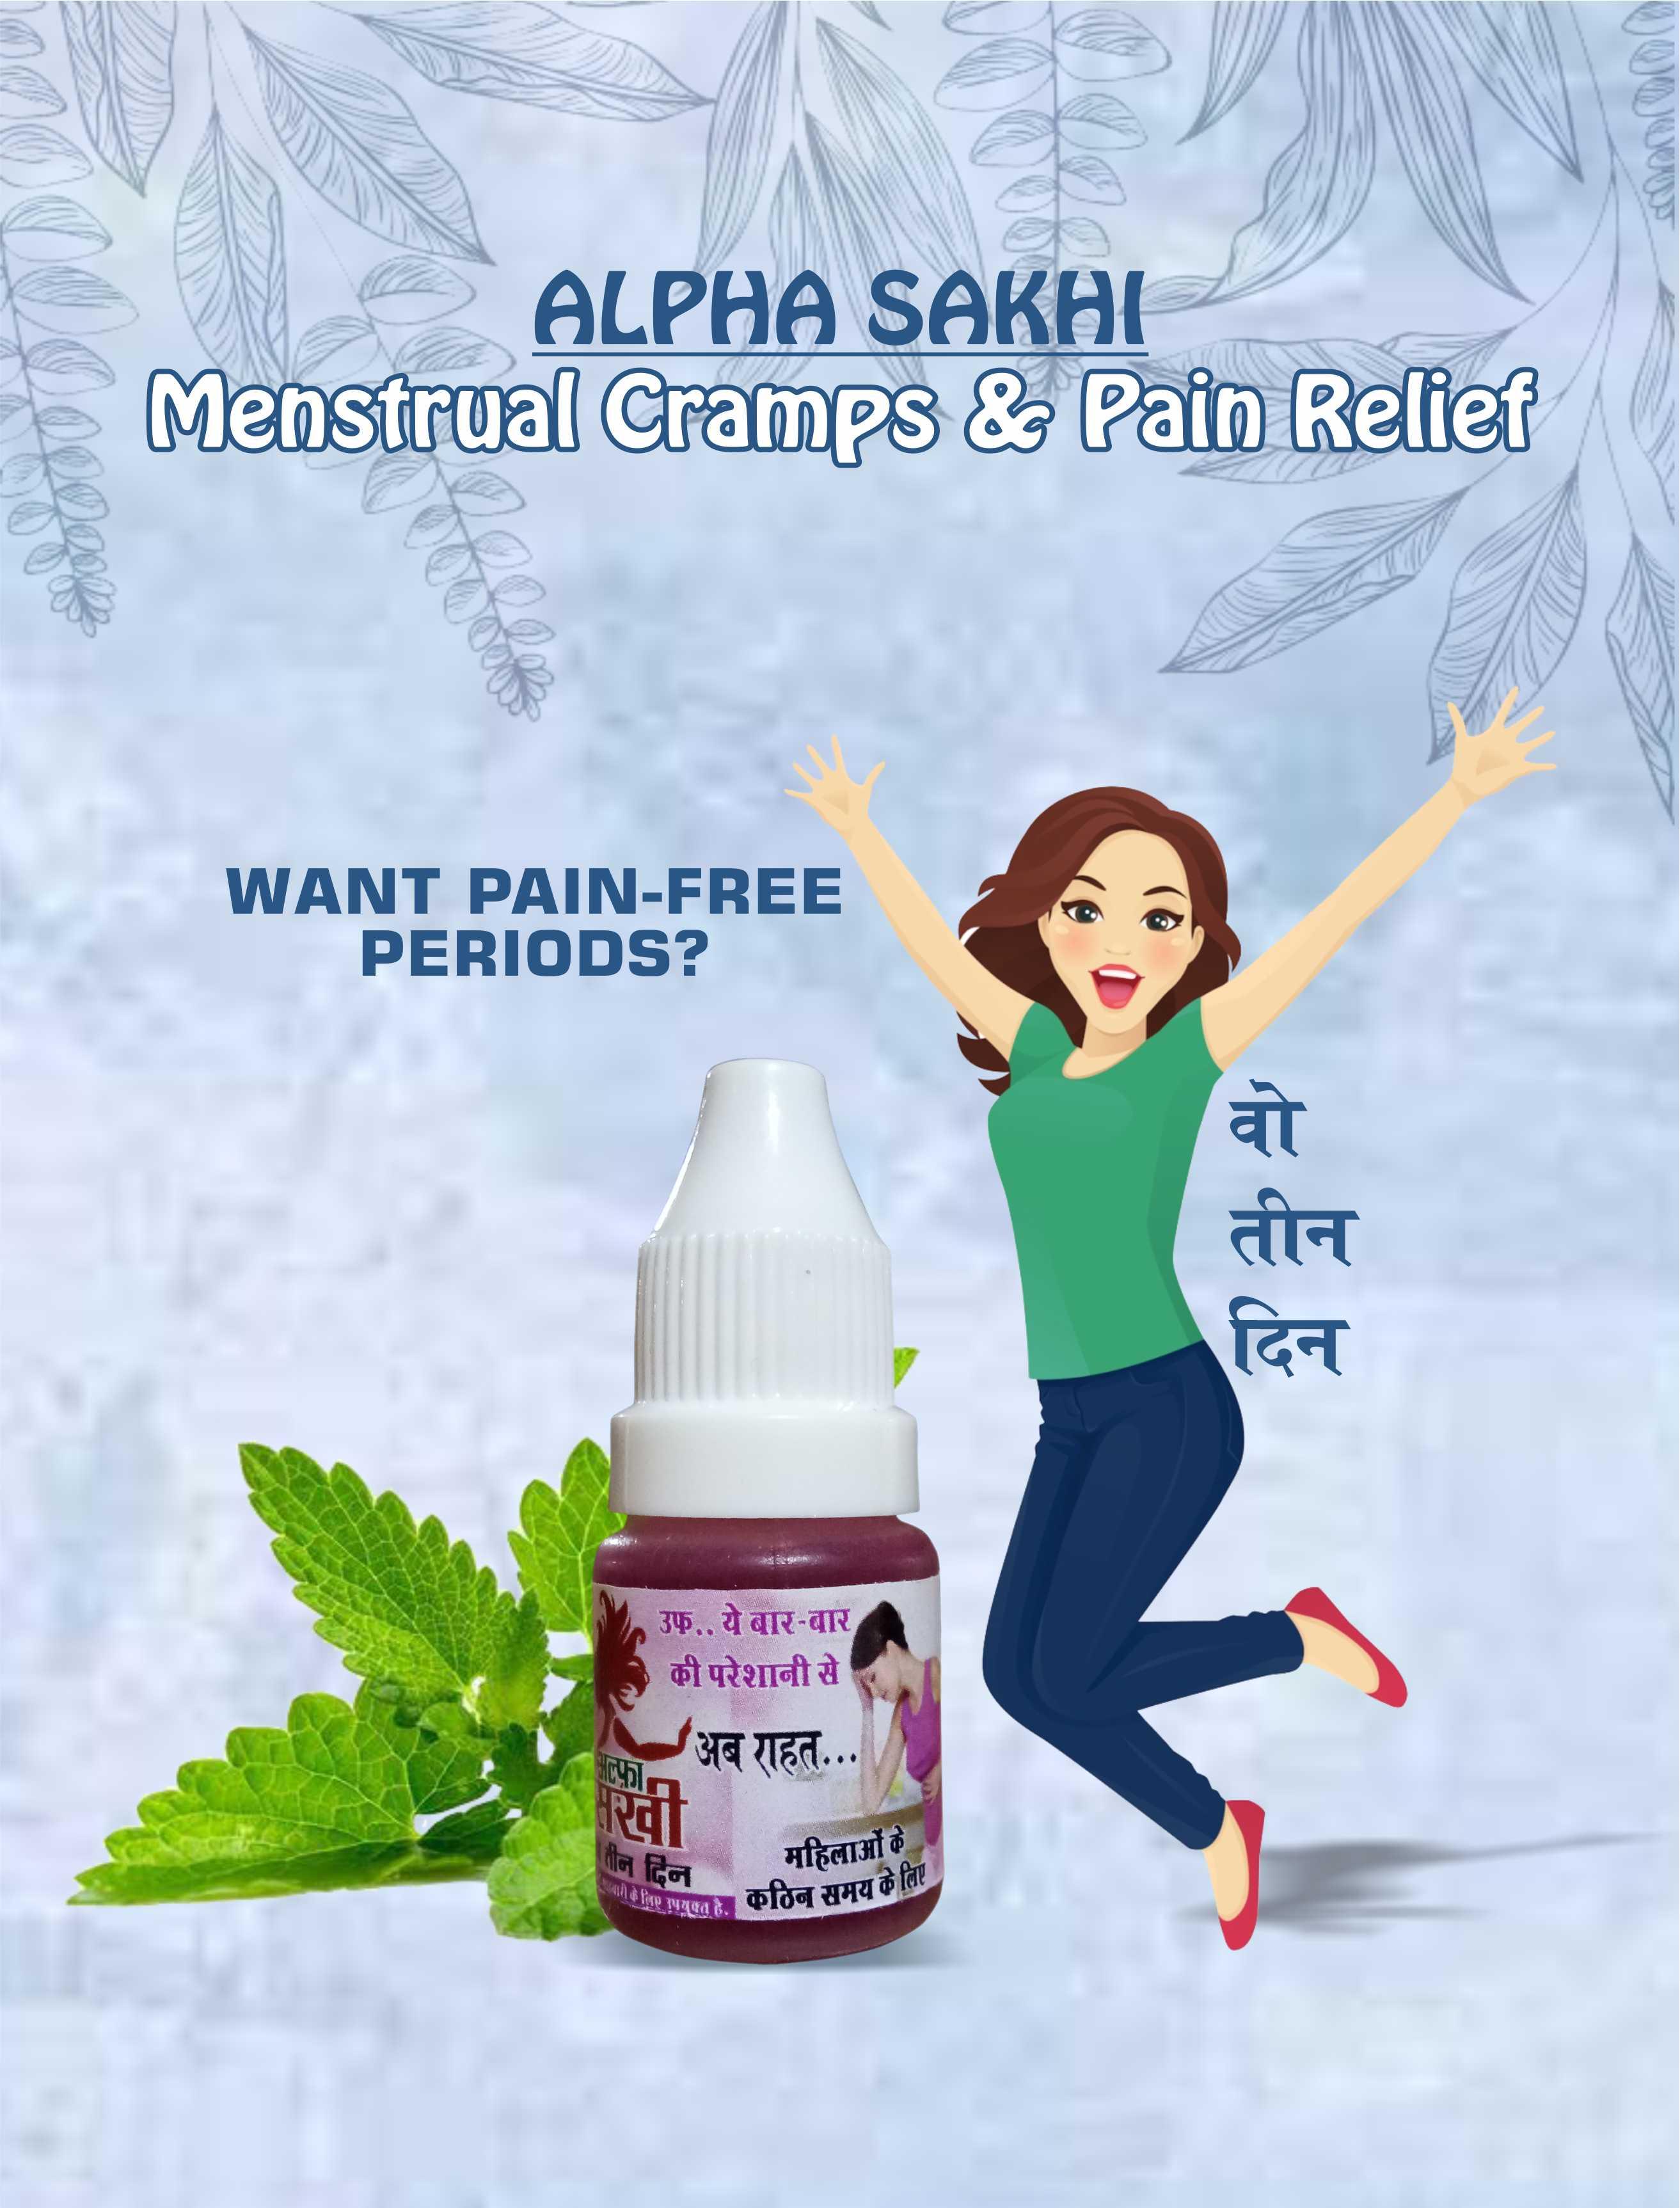 Alpha Sakhi